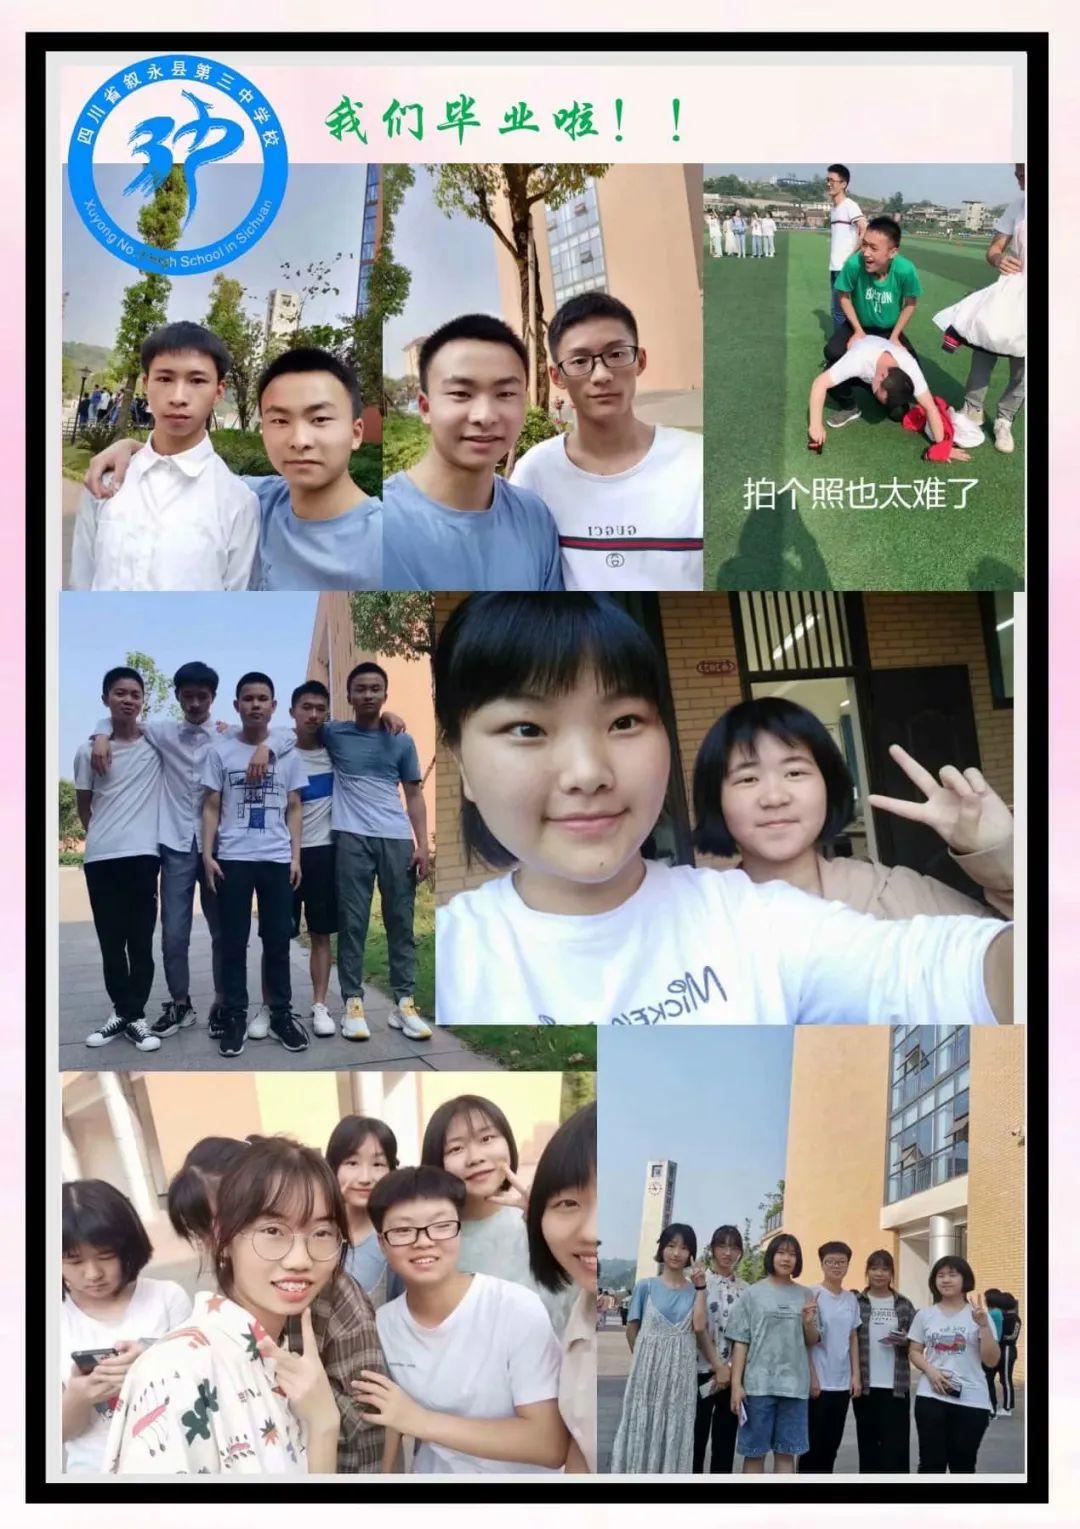 再见,云涛之家—叙永三中17级10班毕业纪念 叙永三中 第76张